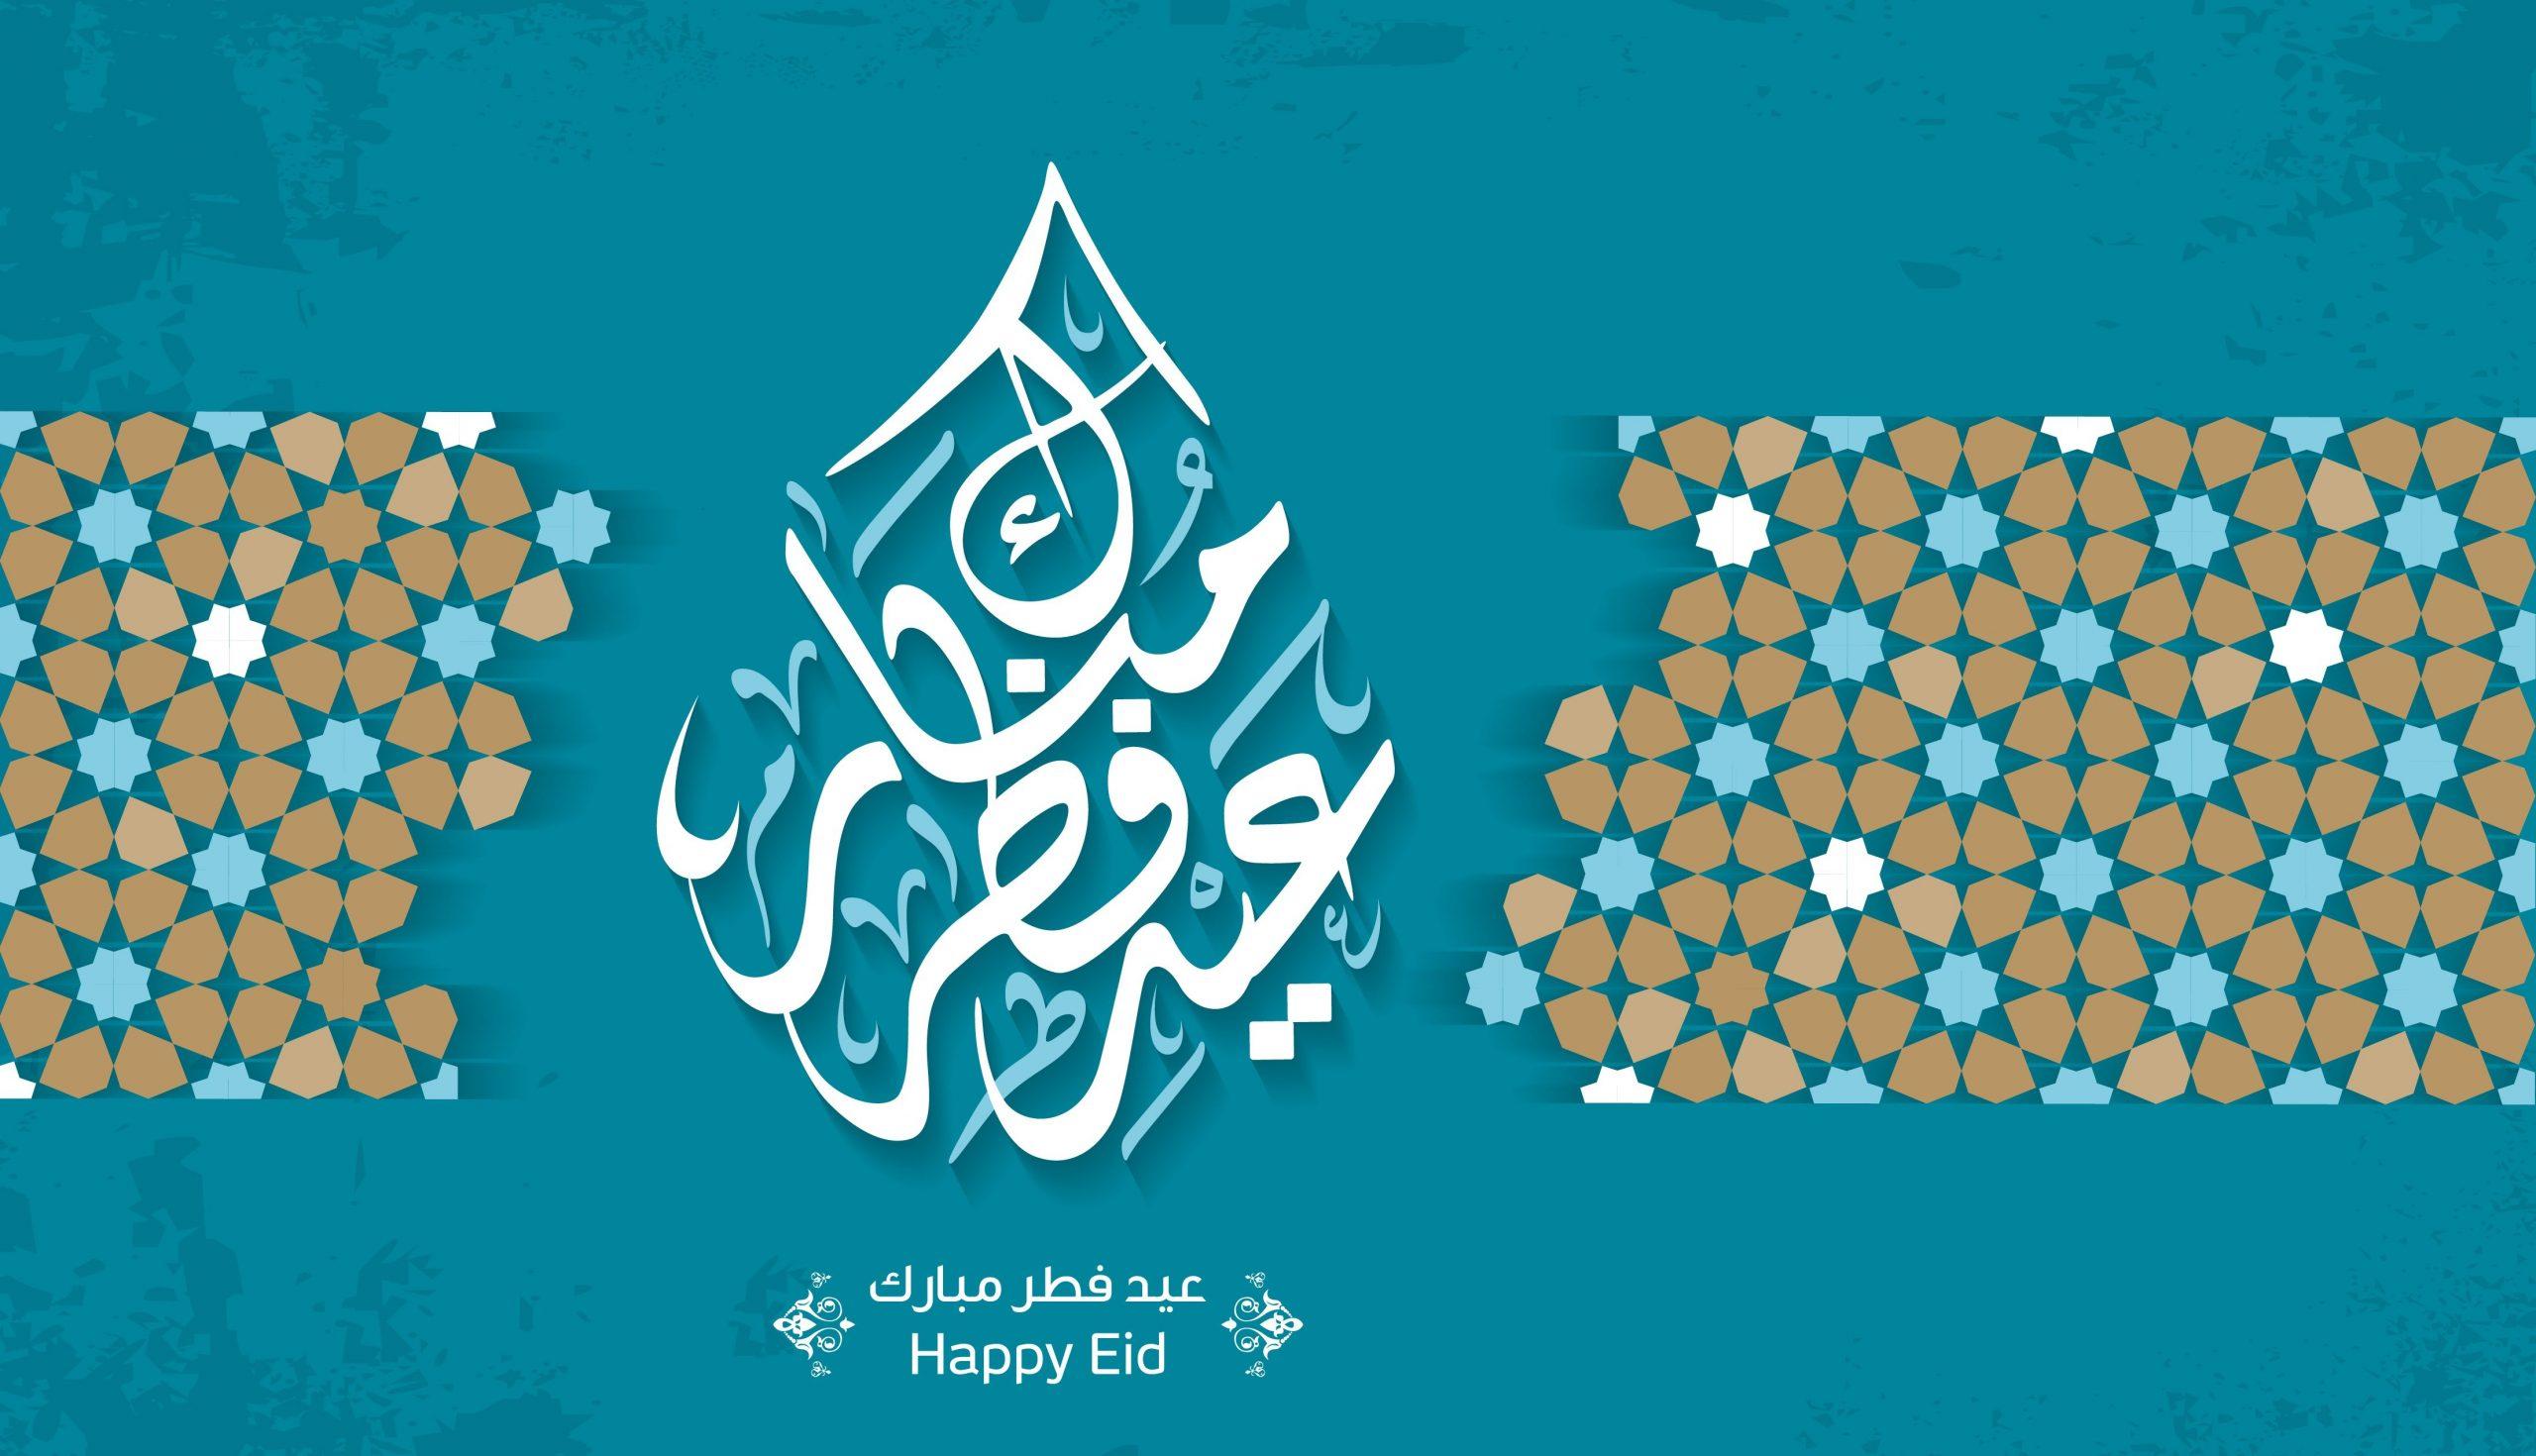 صور عن العيد 2020 رسائل عيد الفطر عيد الفطر المبارك صور عيد الفطر 10